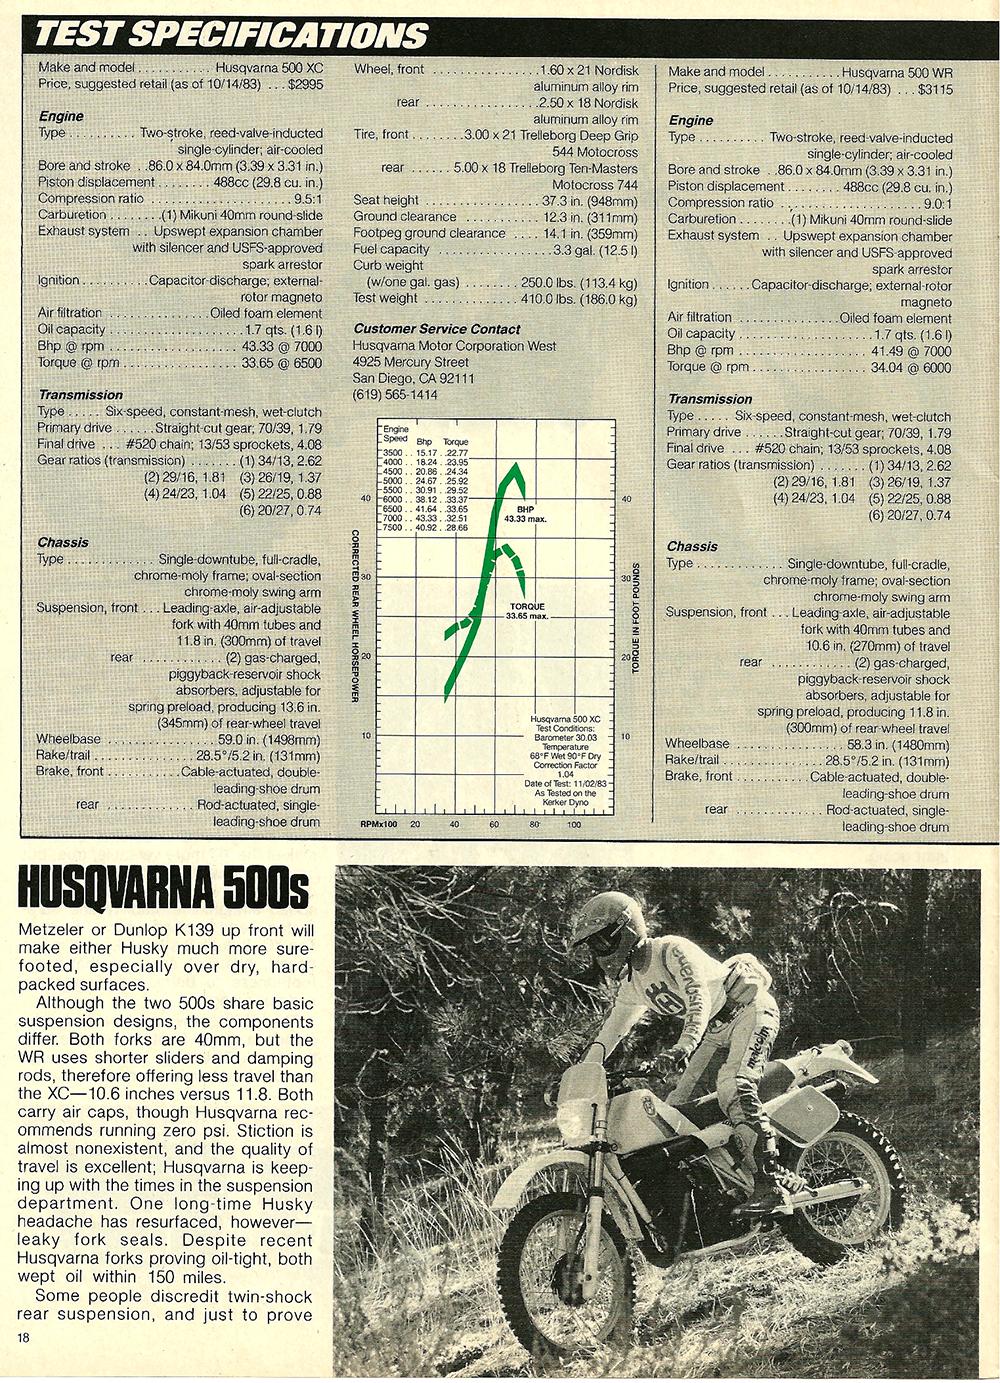 1984 Husqvarna 500 XC WR road test 7.jpg